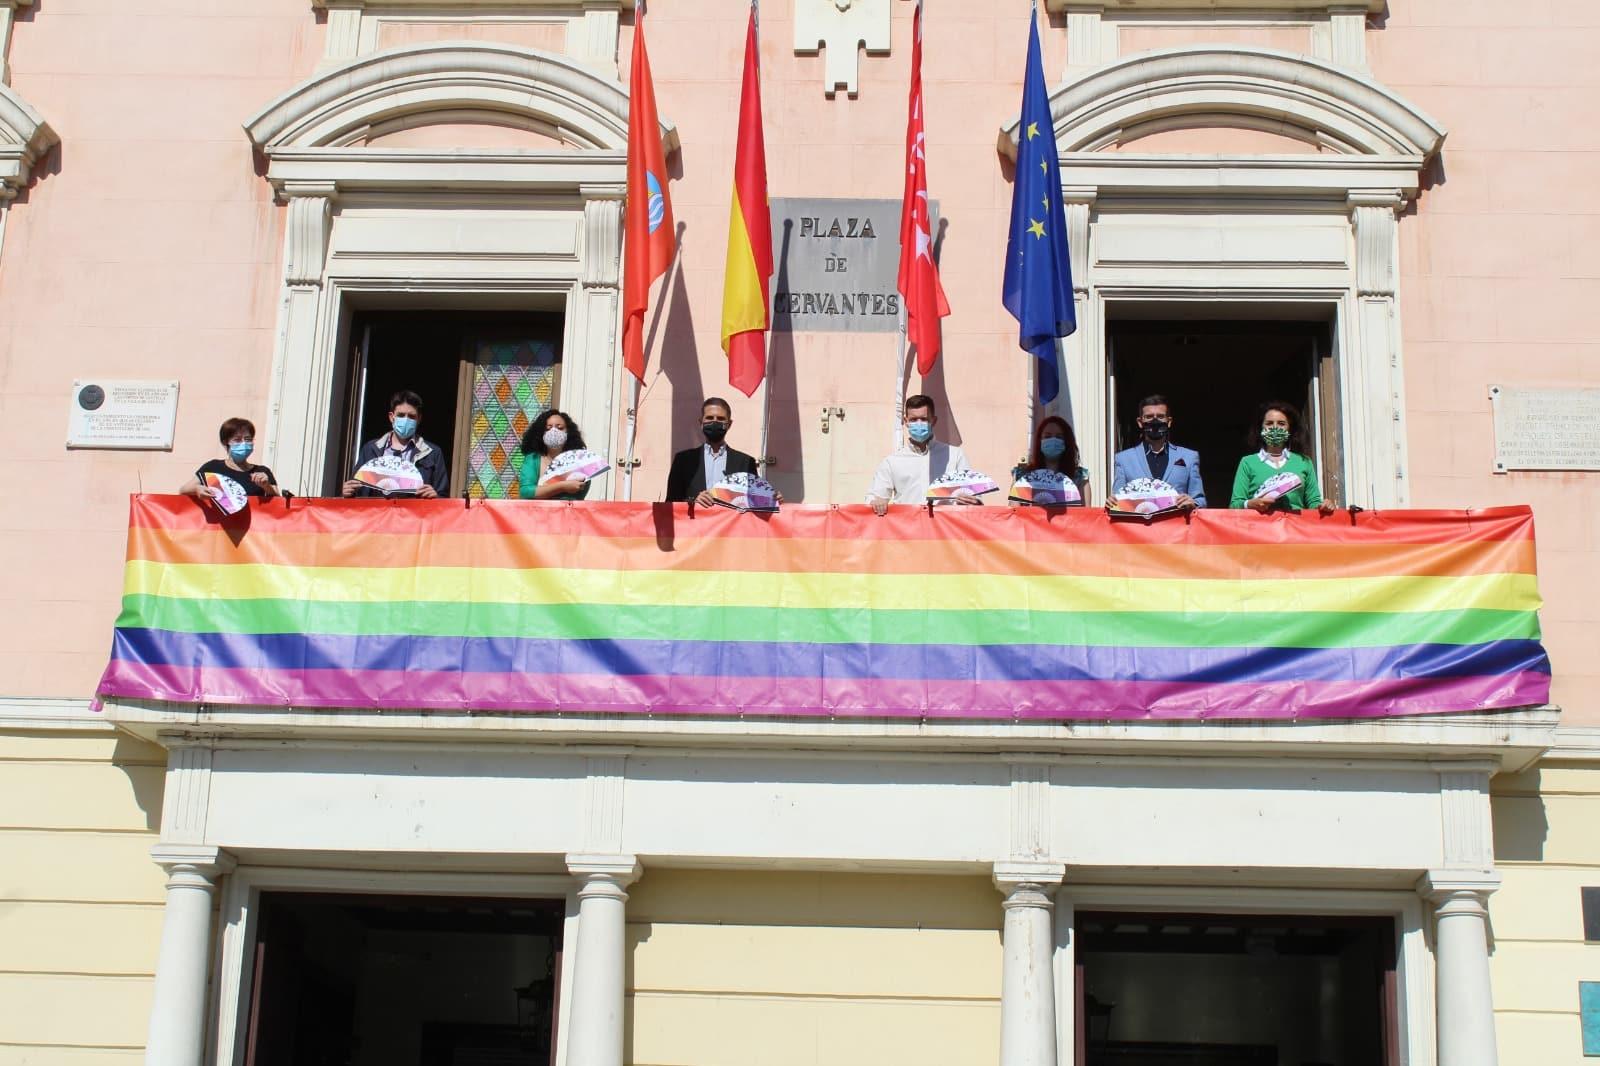 Bandera multicolor Ayuntamiento Alcalá de henares